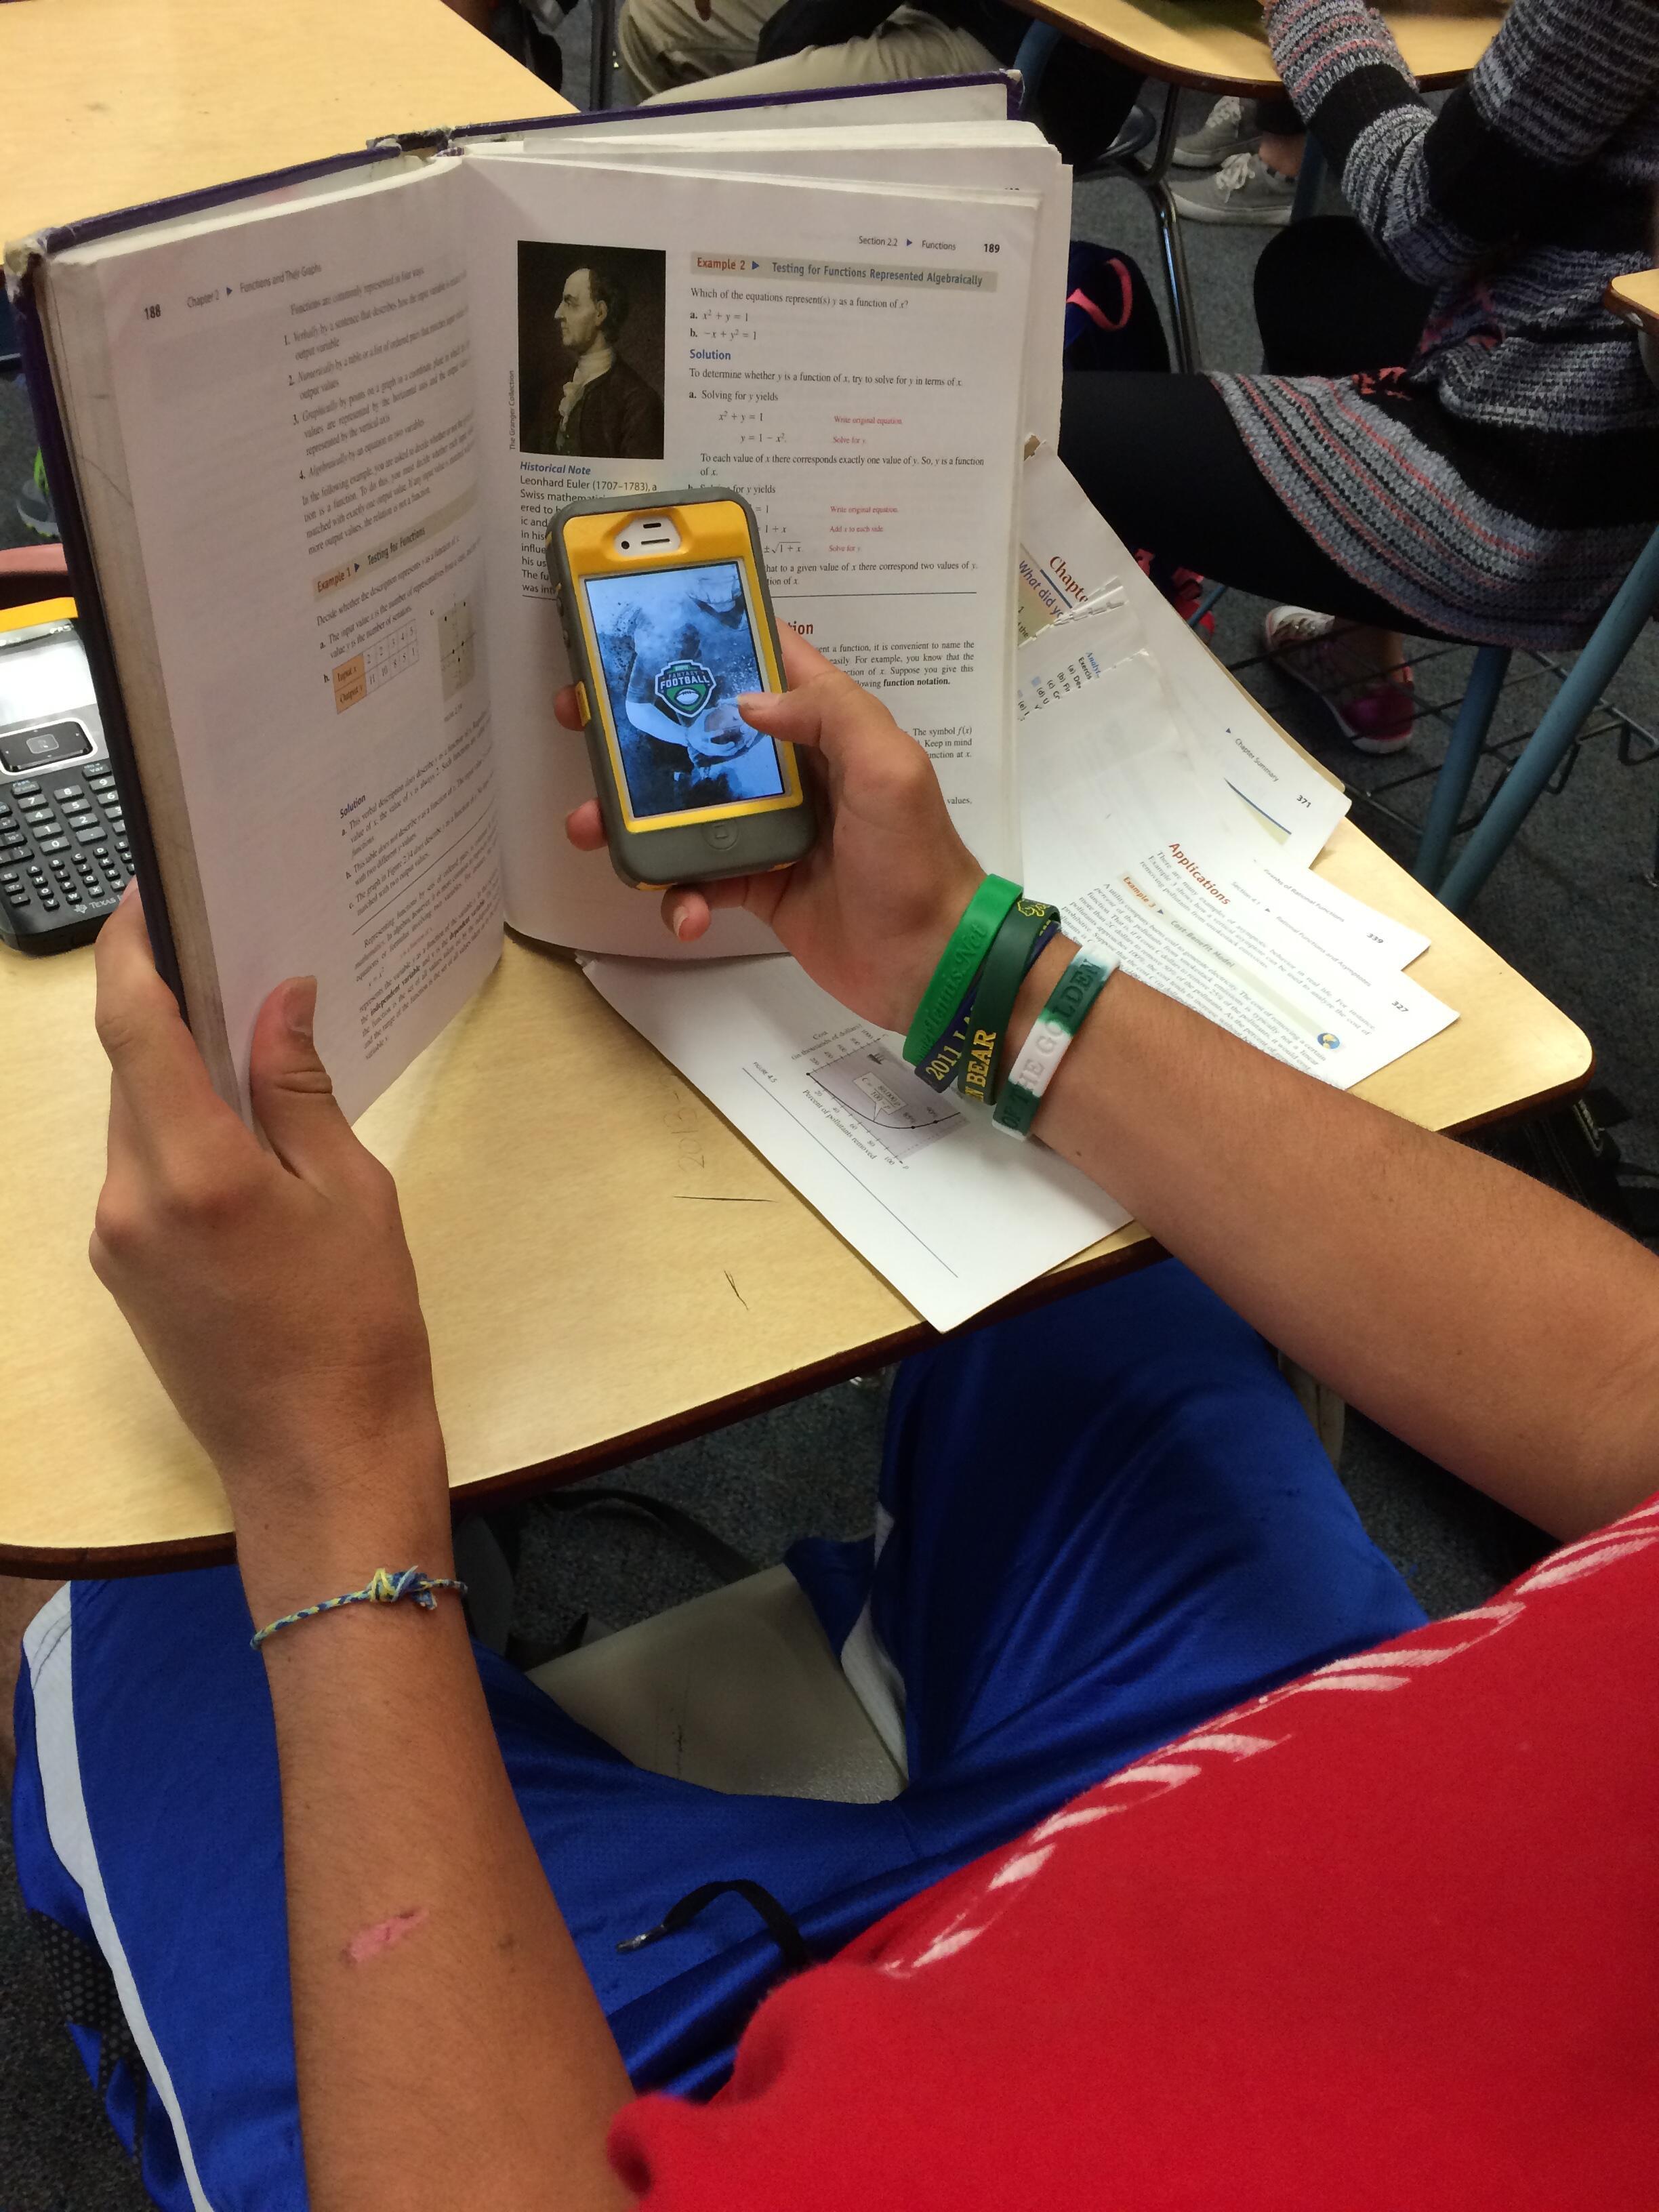 Telefones celulares agora são proibidos nas escolas francesas